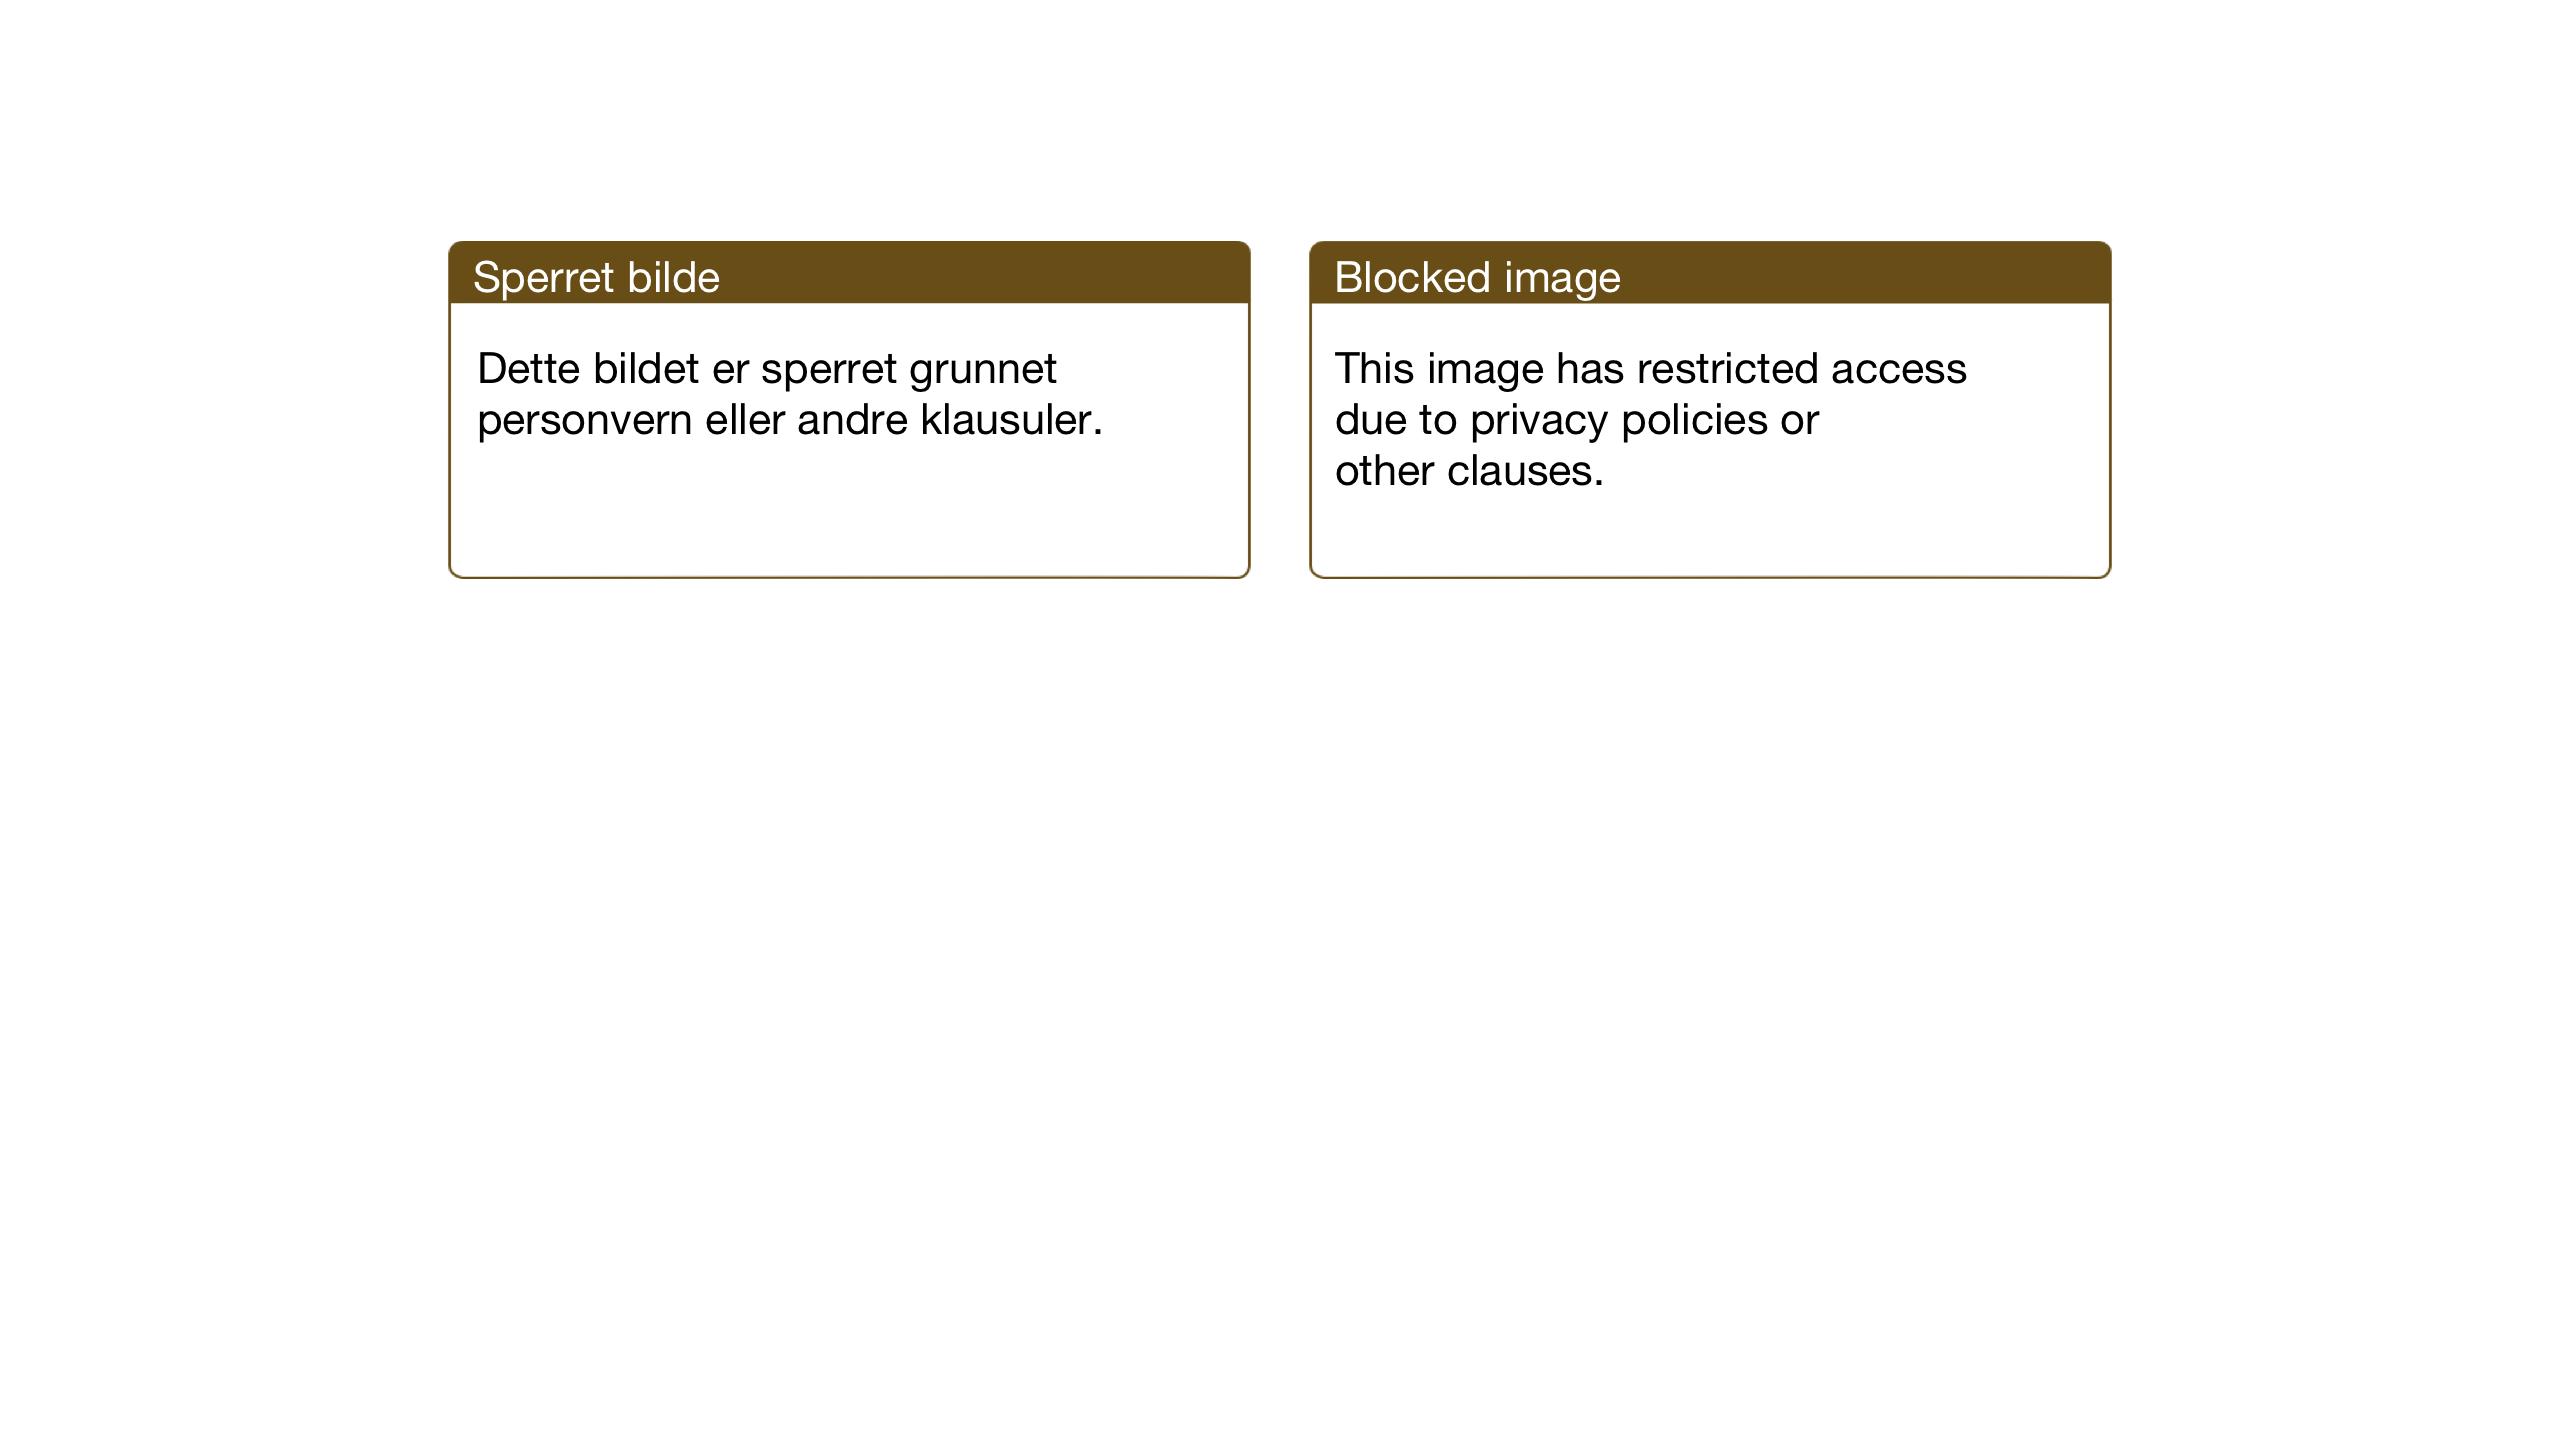 SAT, Ministerialprotokoller, klokkerbøker og fødselsregistre - Nord-Trøndelag, 744/L0425: Klokkerbok nr. 744C04, 1924-1947, s. 140